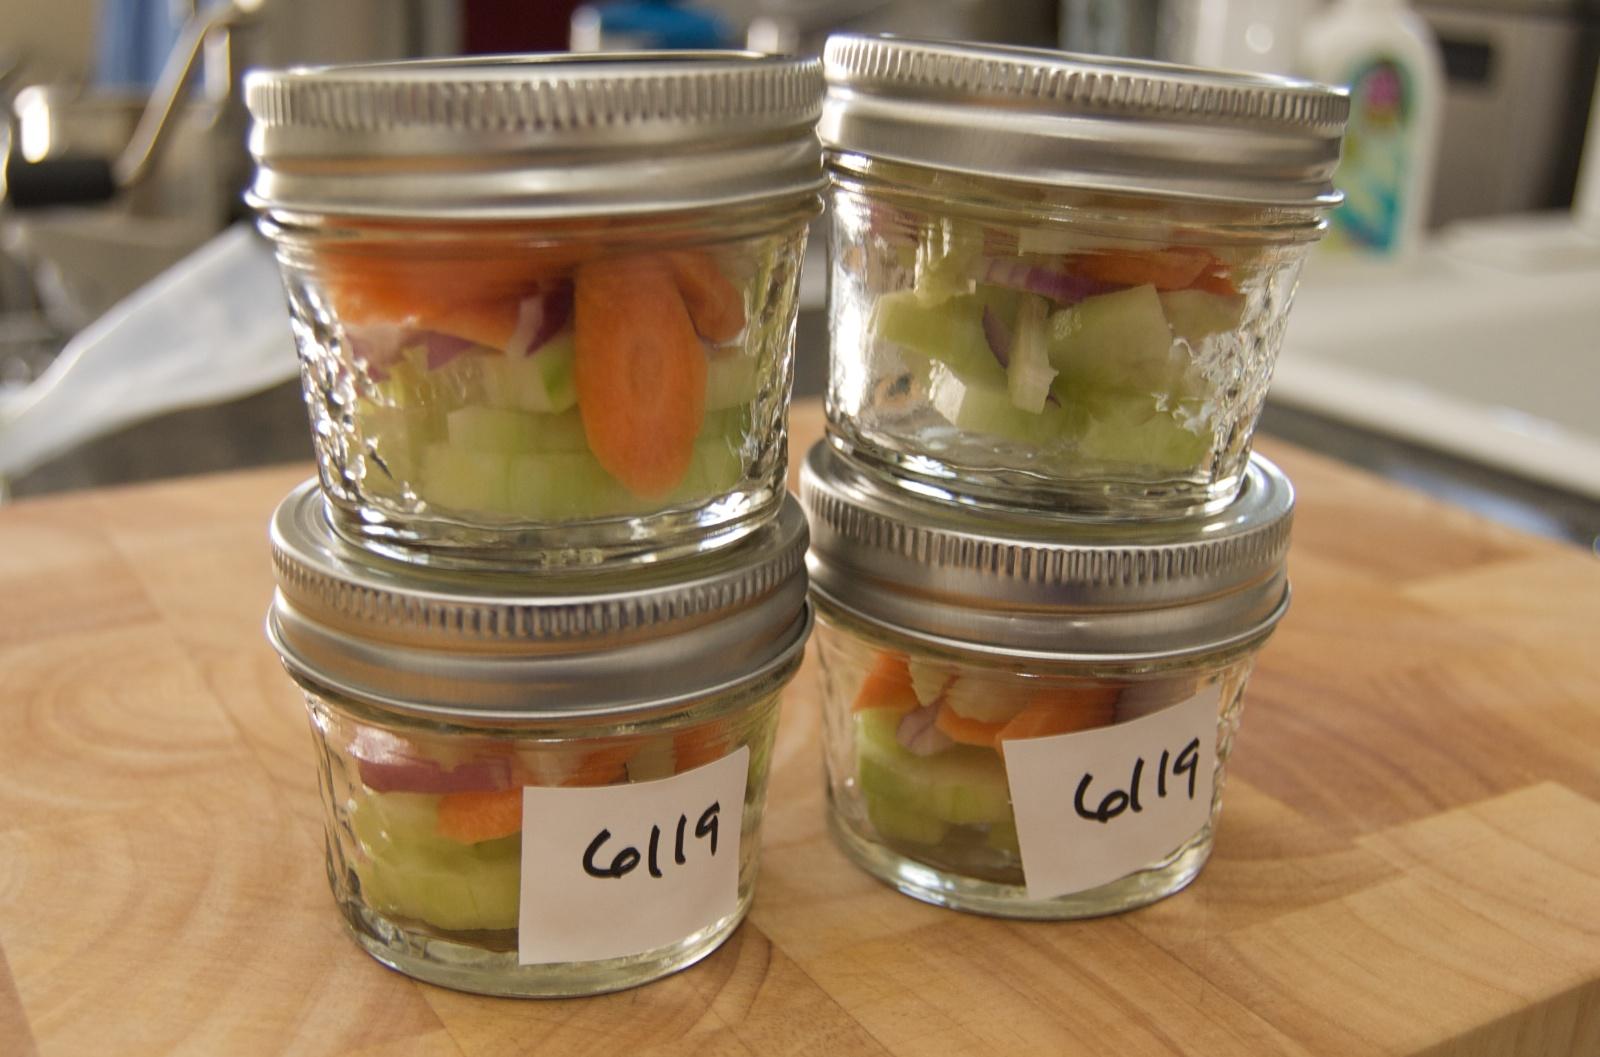 http://blog.rickk.com/food/2010/06/19/salad18.jpg